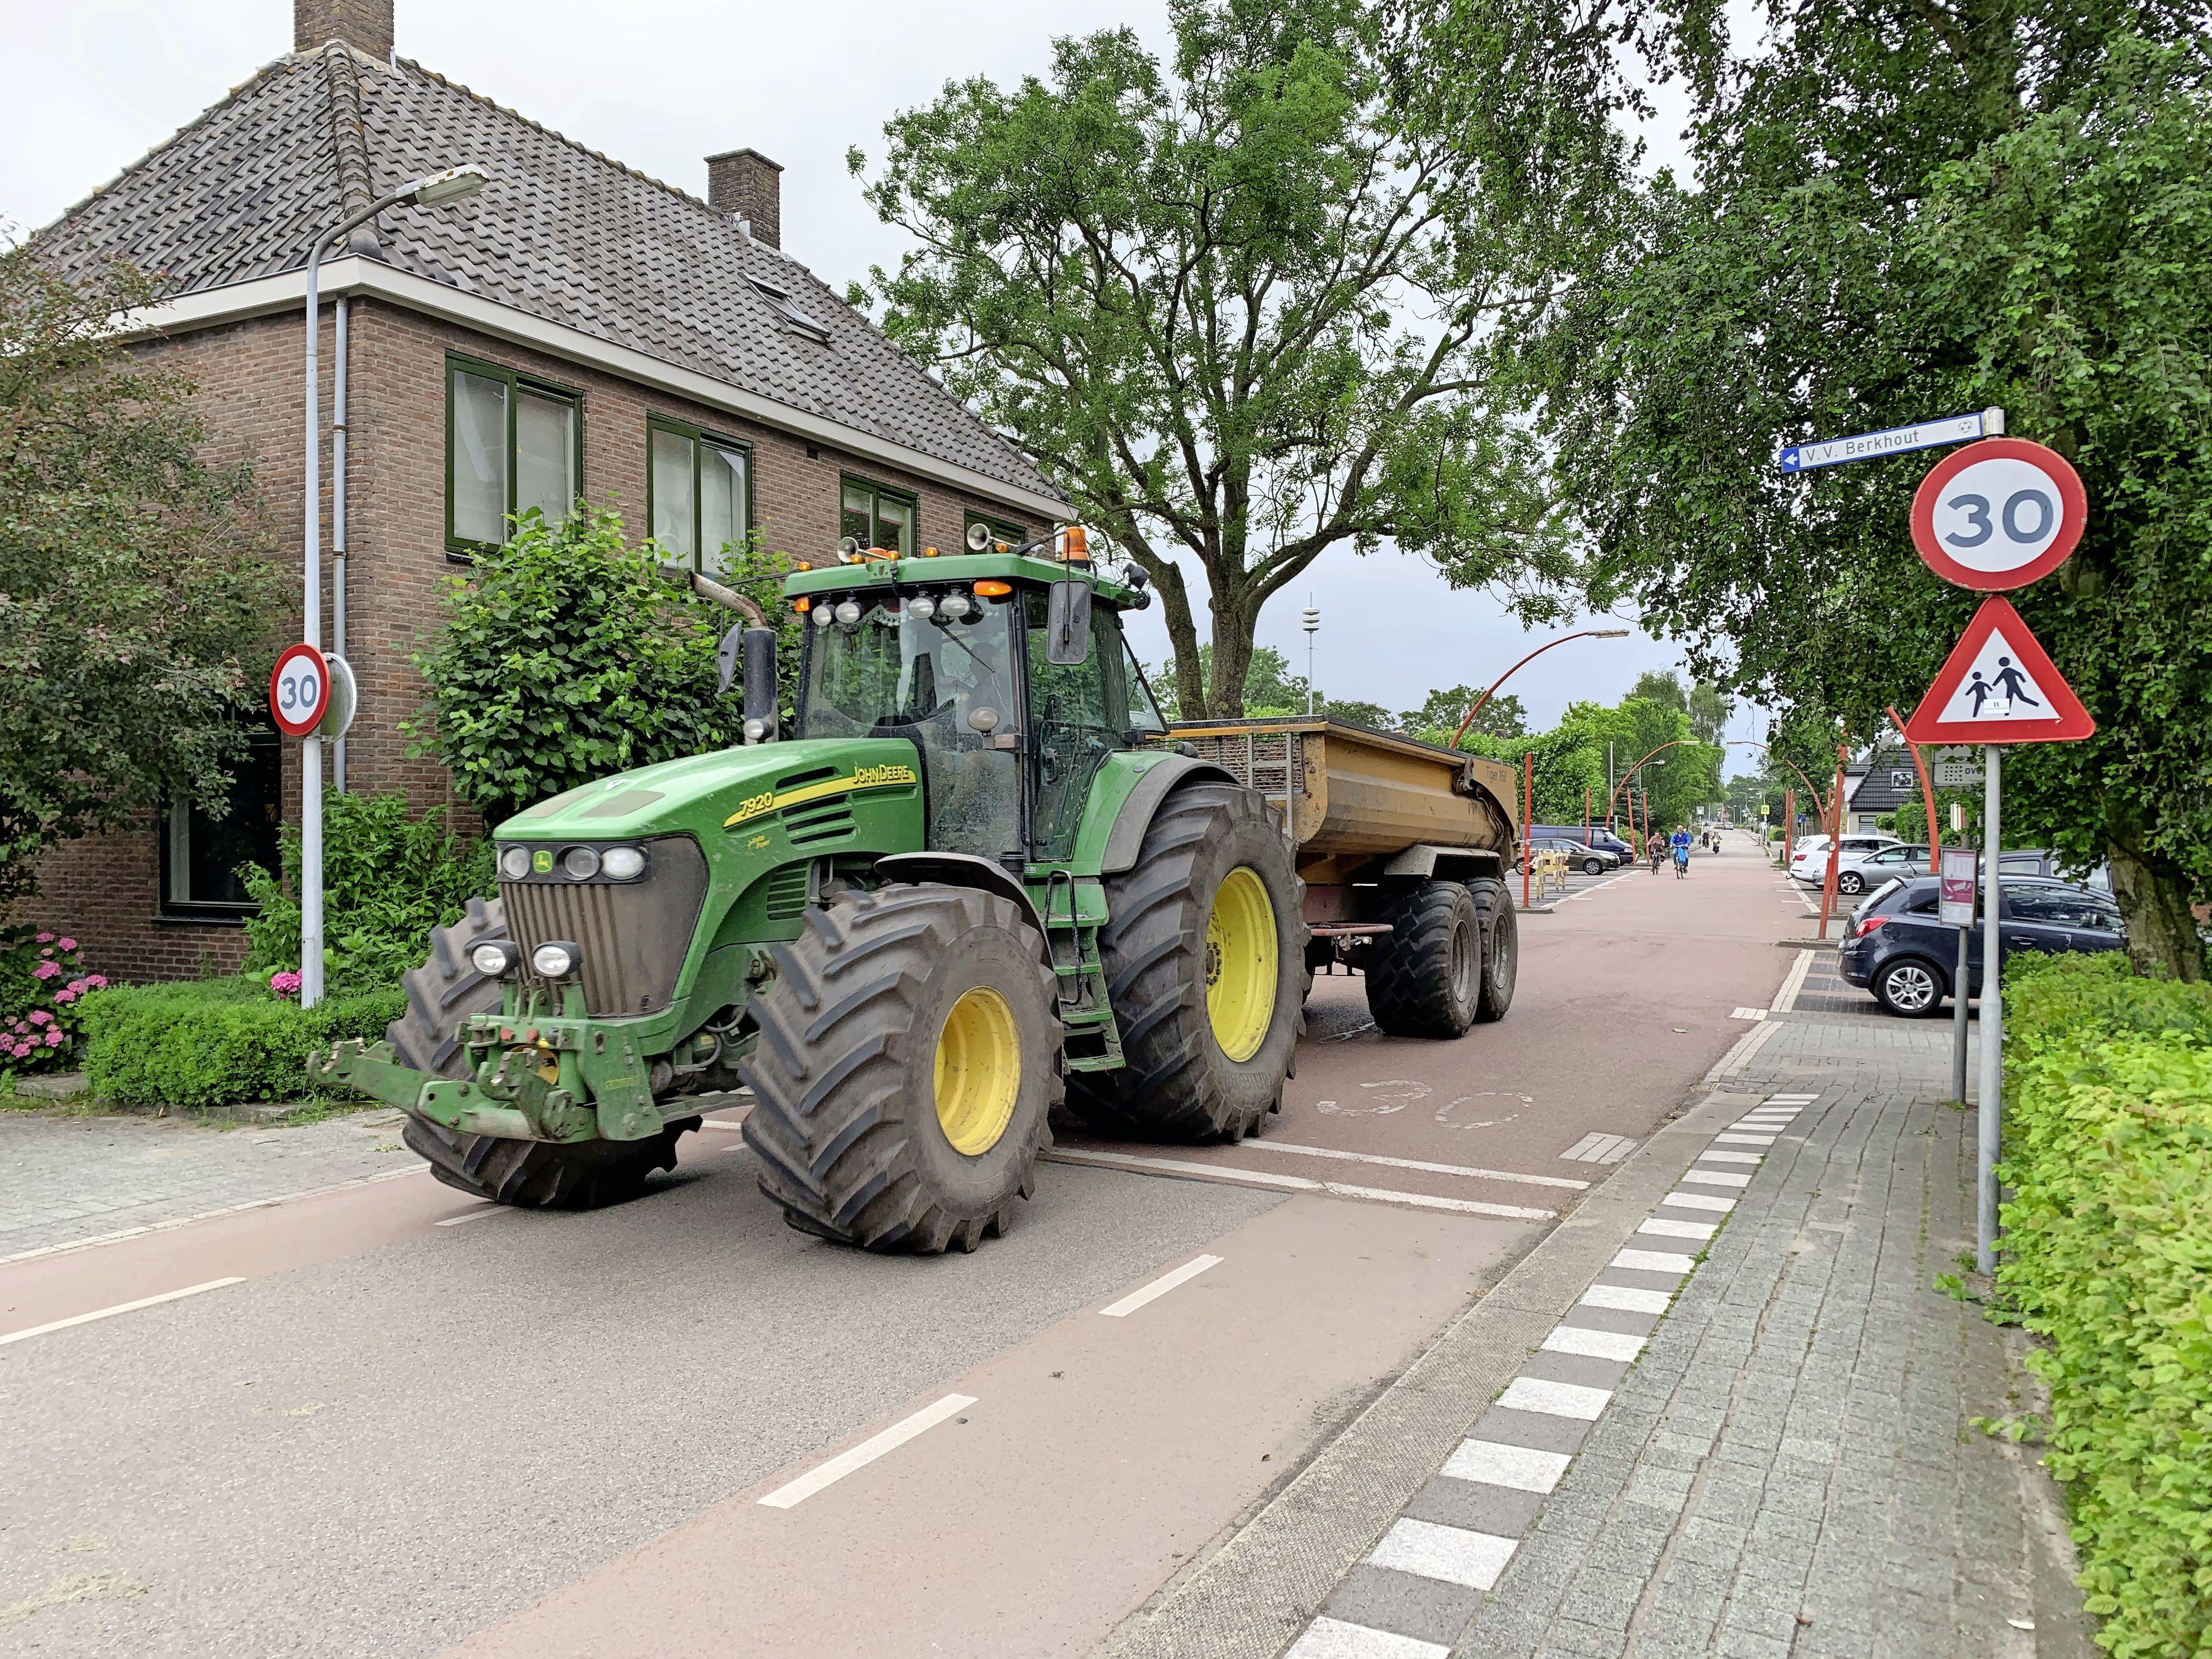 Verkeersoverlast kun je meten en op basis van de resulaten maatregelen treffen. In Drechterland vinden ze dat niet nodig / commentaar